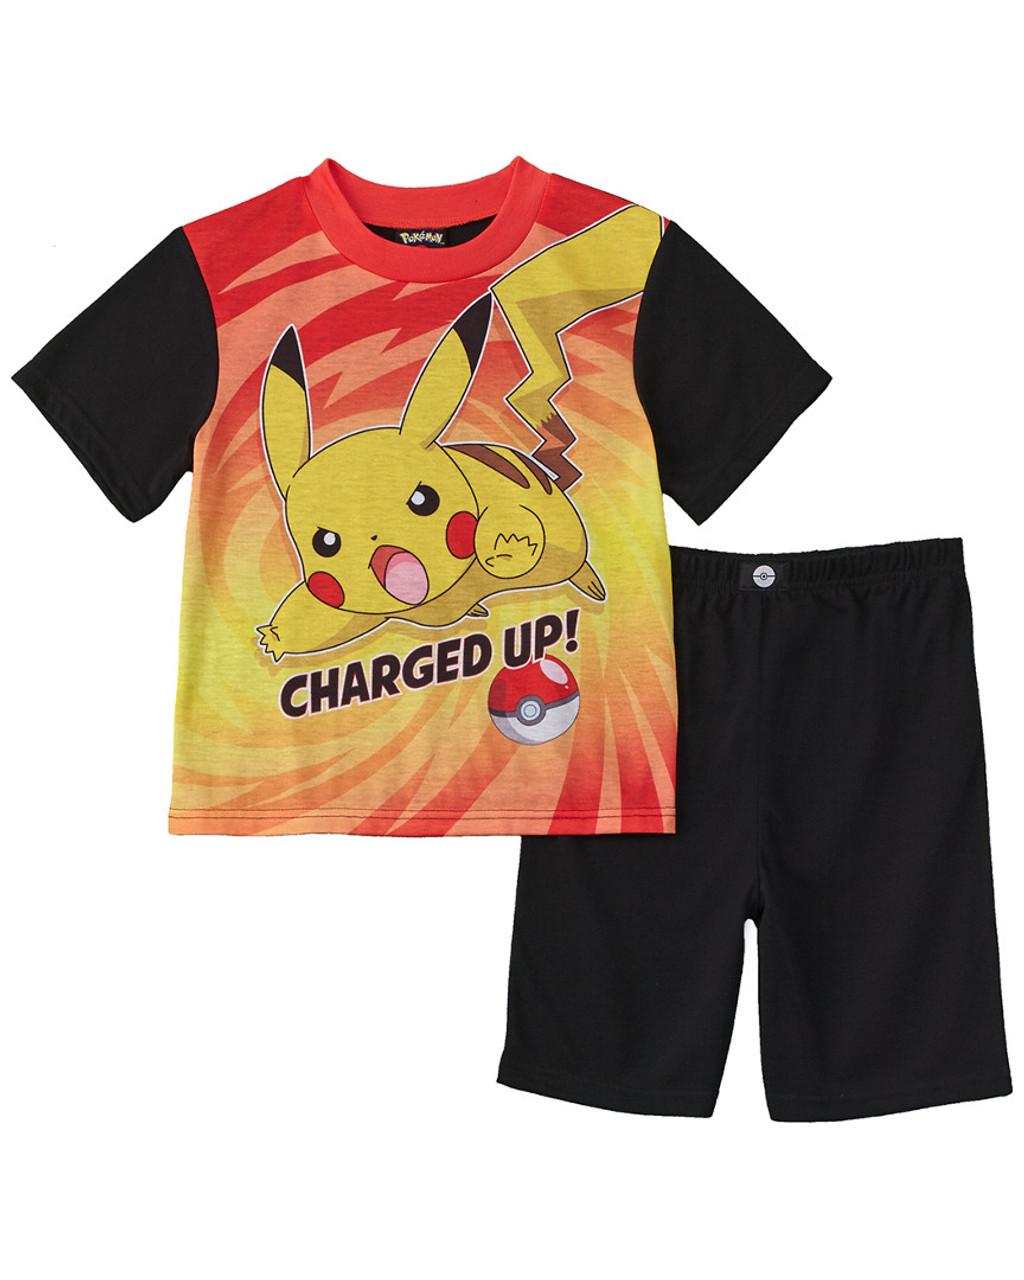 Character Sleepwear Boys 2pc Pokemon Set 1511625642 Younkers